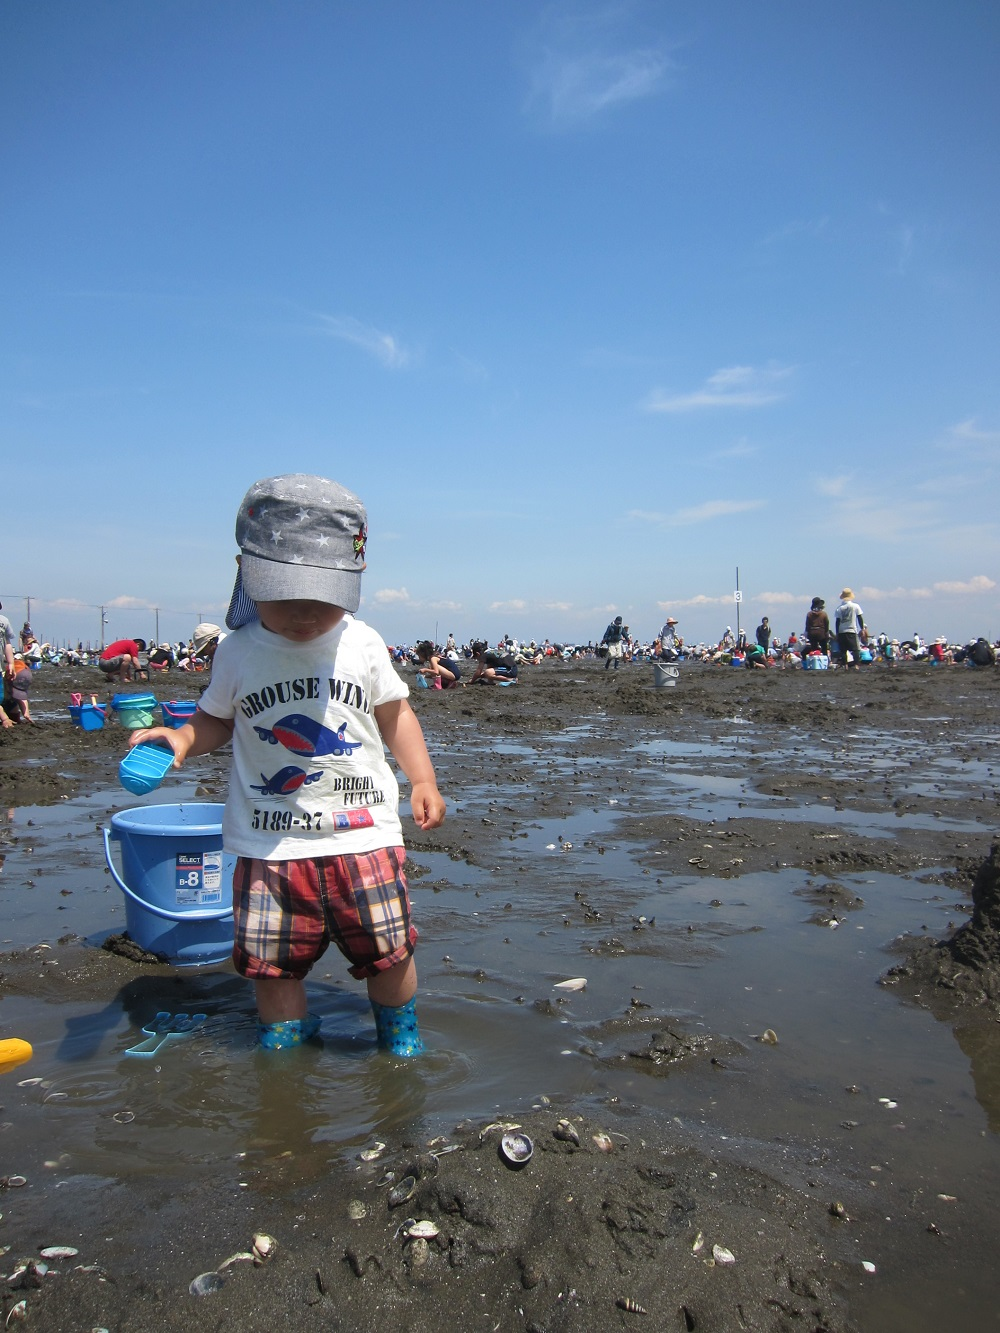 牛込海岸子供潮干狩り